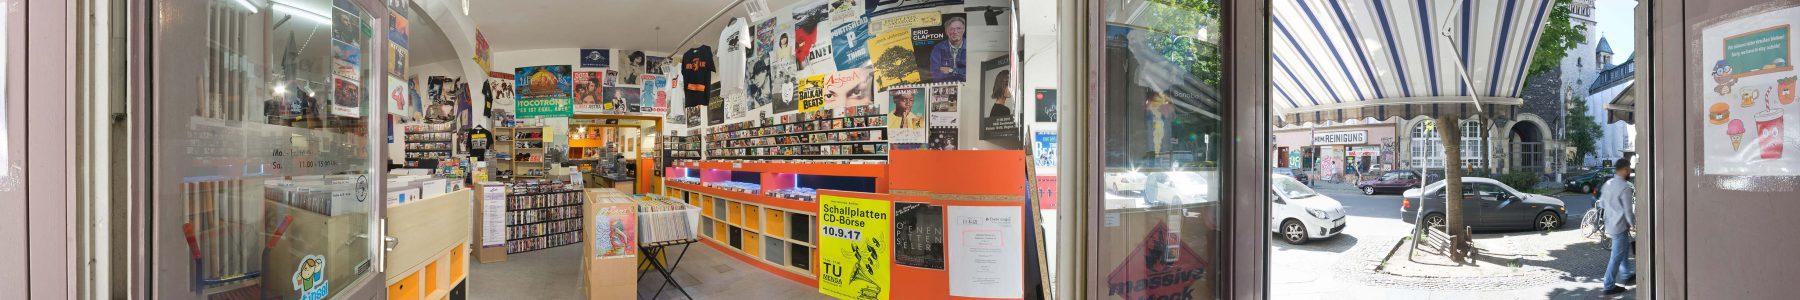 Panorama von Silver Disc - Eingangsbereich - Foto: Ralf A. Hanke